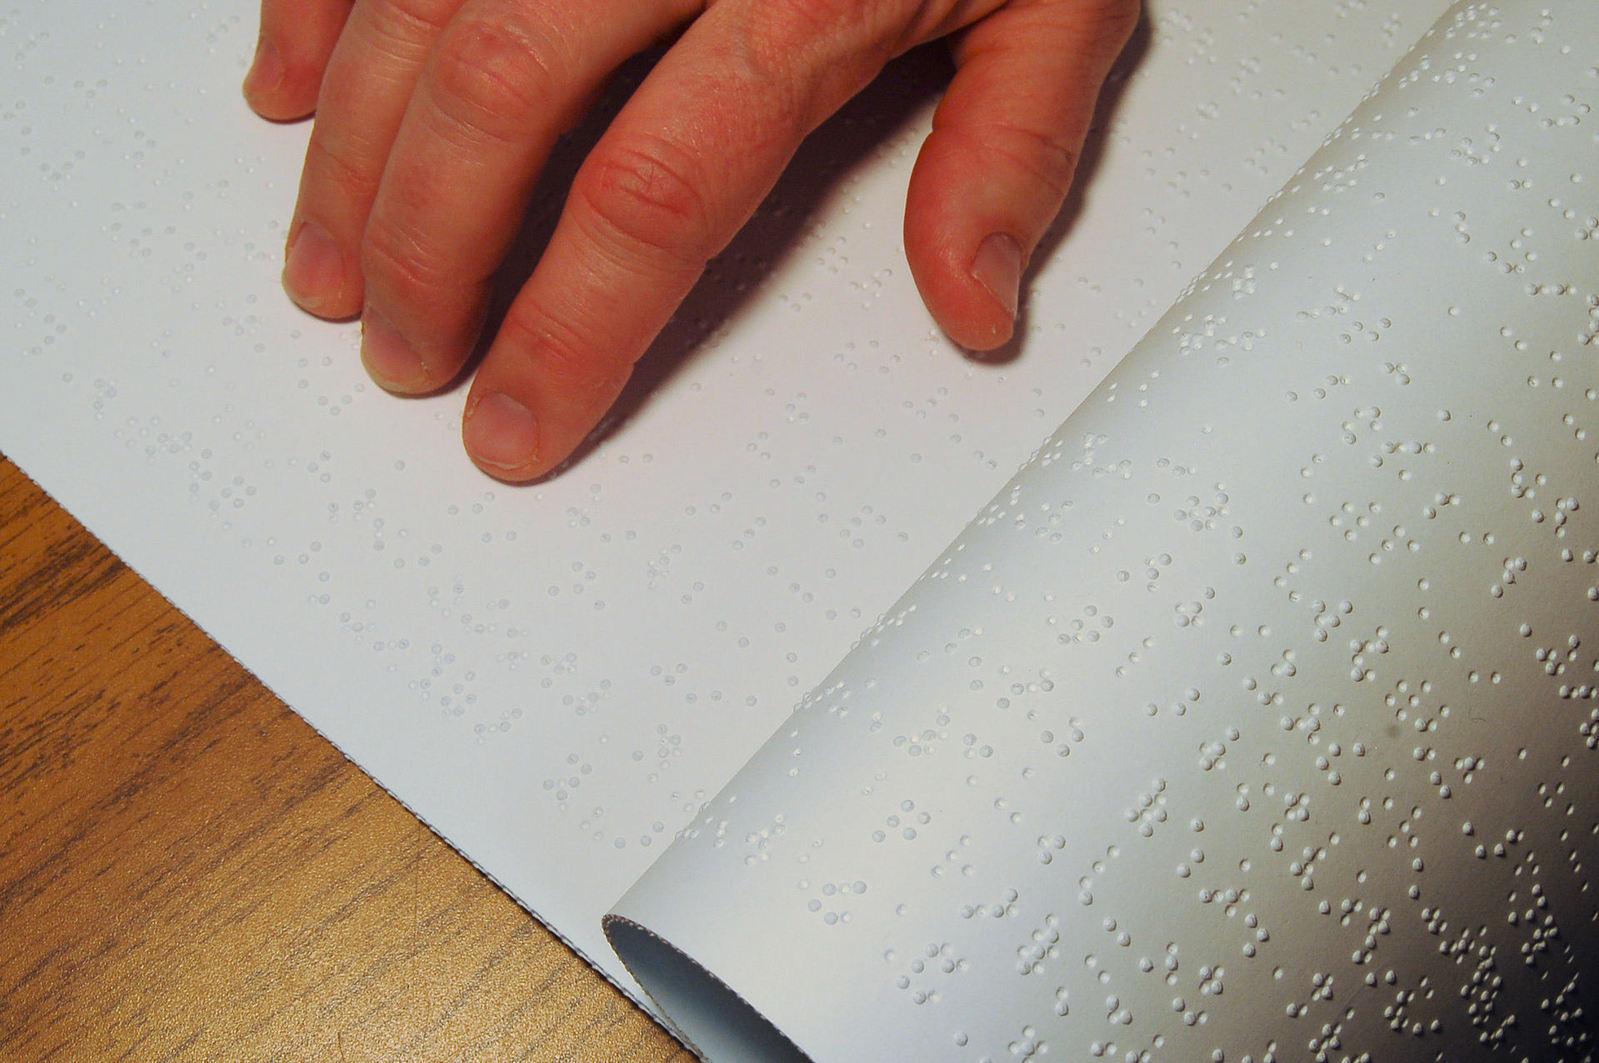 imagine sugestivă pagina tipărituri braille